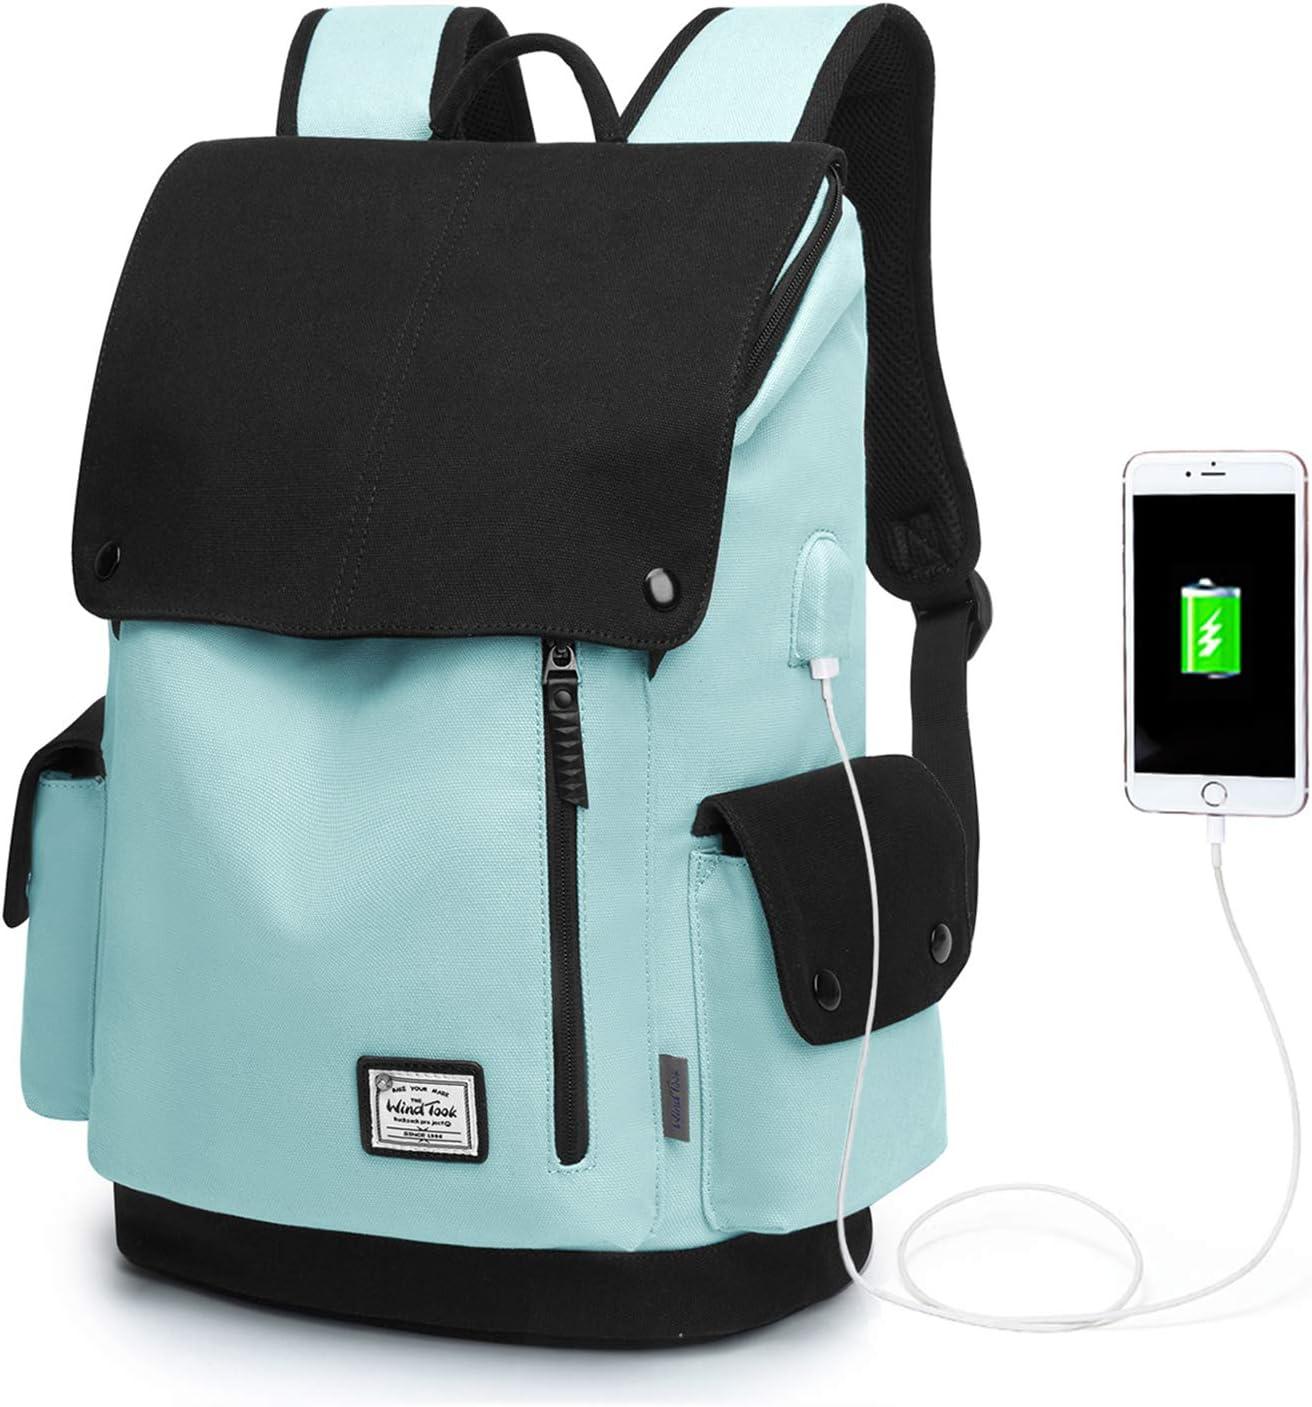 WindTook Mochila Universitaria Mujer de Lona 15.6 Pulgadas Mochila Ordenador Portatil con Puerto de USB para Escolares Mochila de Hombre Multiusos Dackpack para Viaje Trabajo BLU